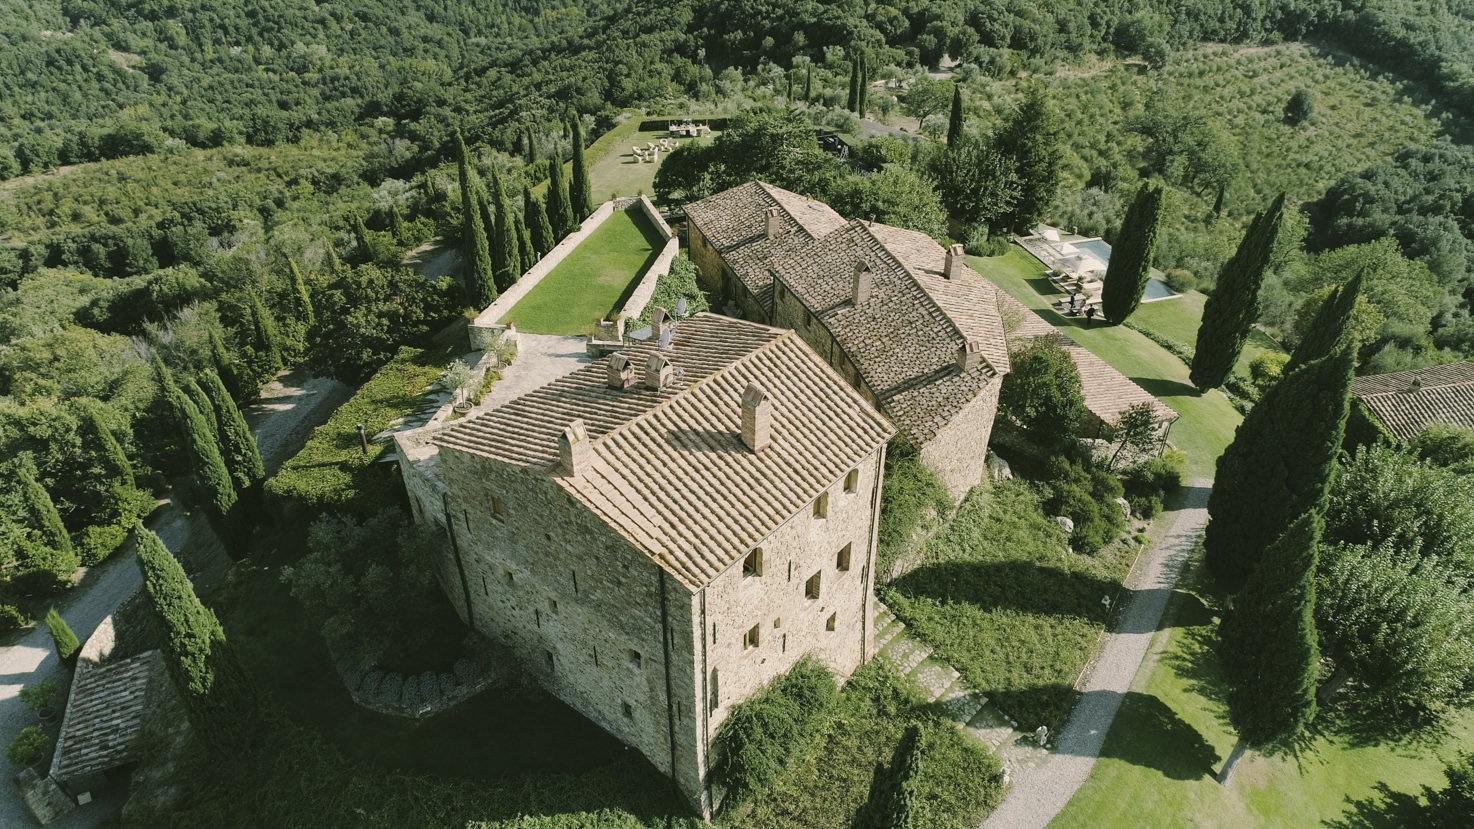 Aerial view of Castello di Vicarello